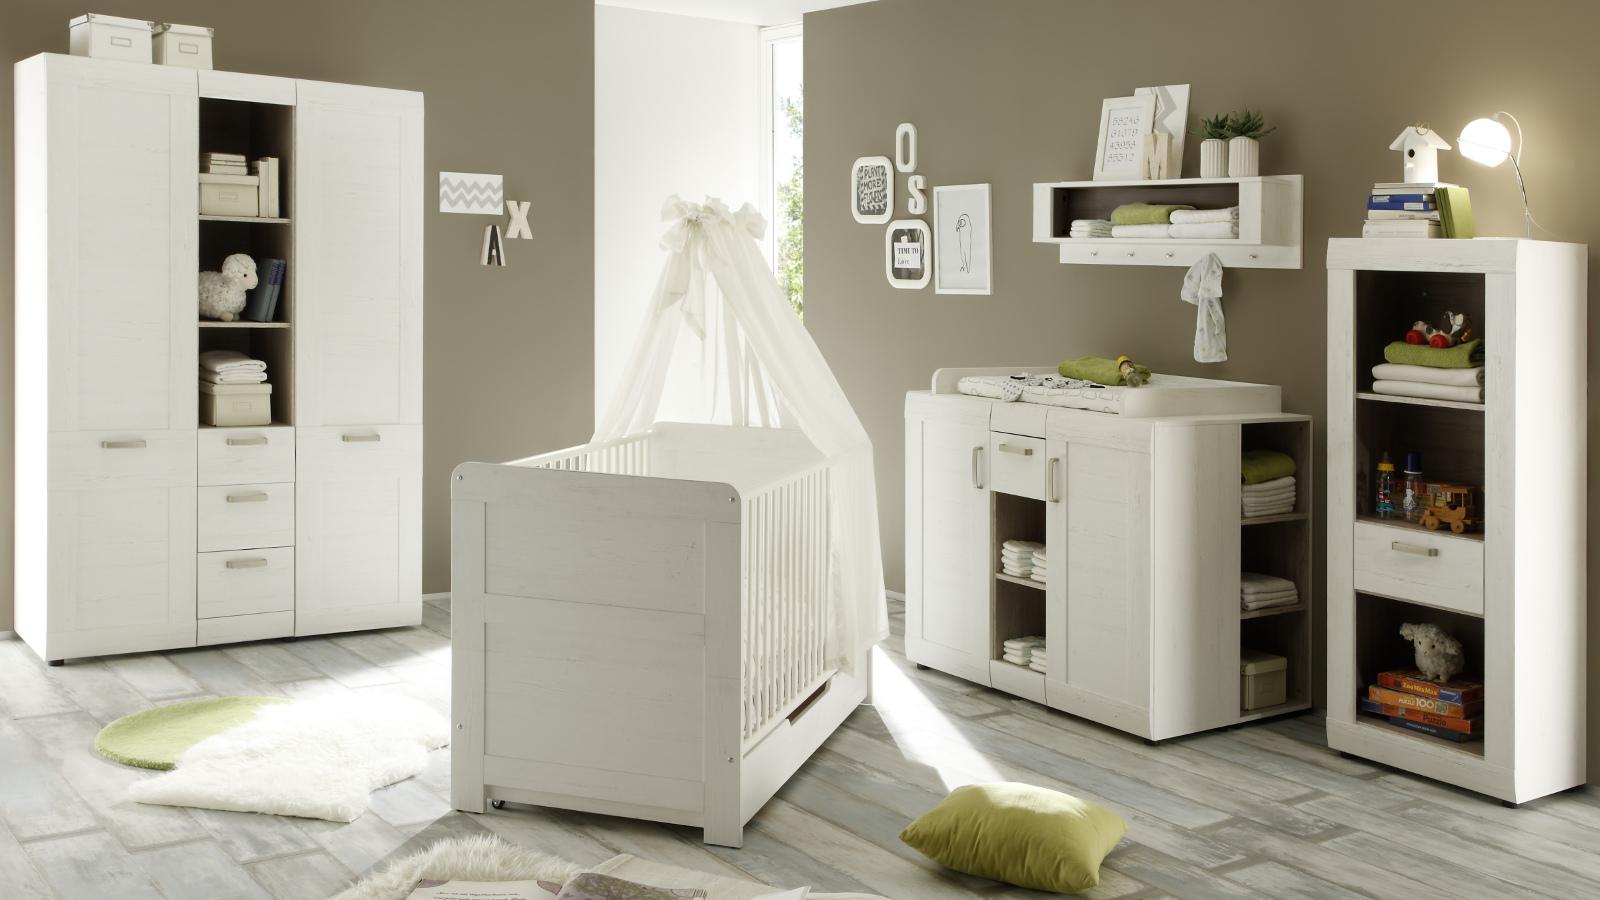 kleiderschrank babyzimmer pinie weiß struktur - Kinderzimmer Braun Weiss